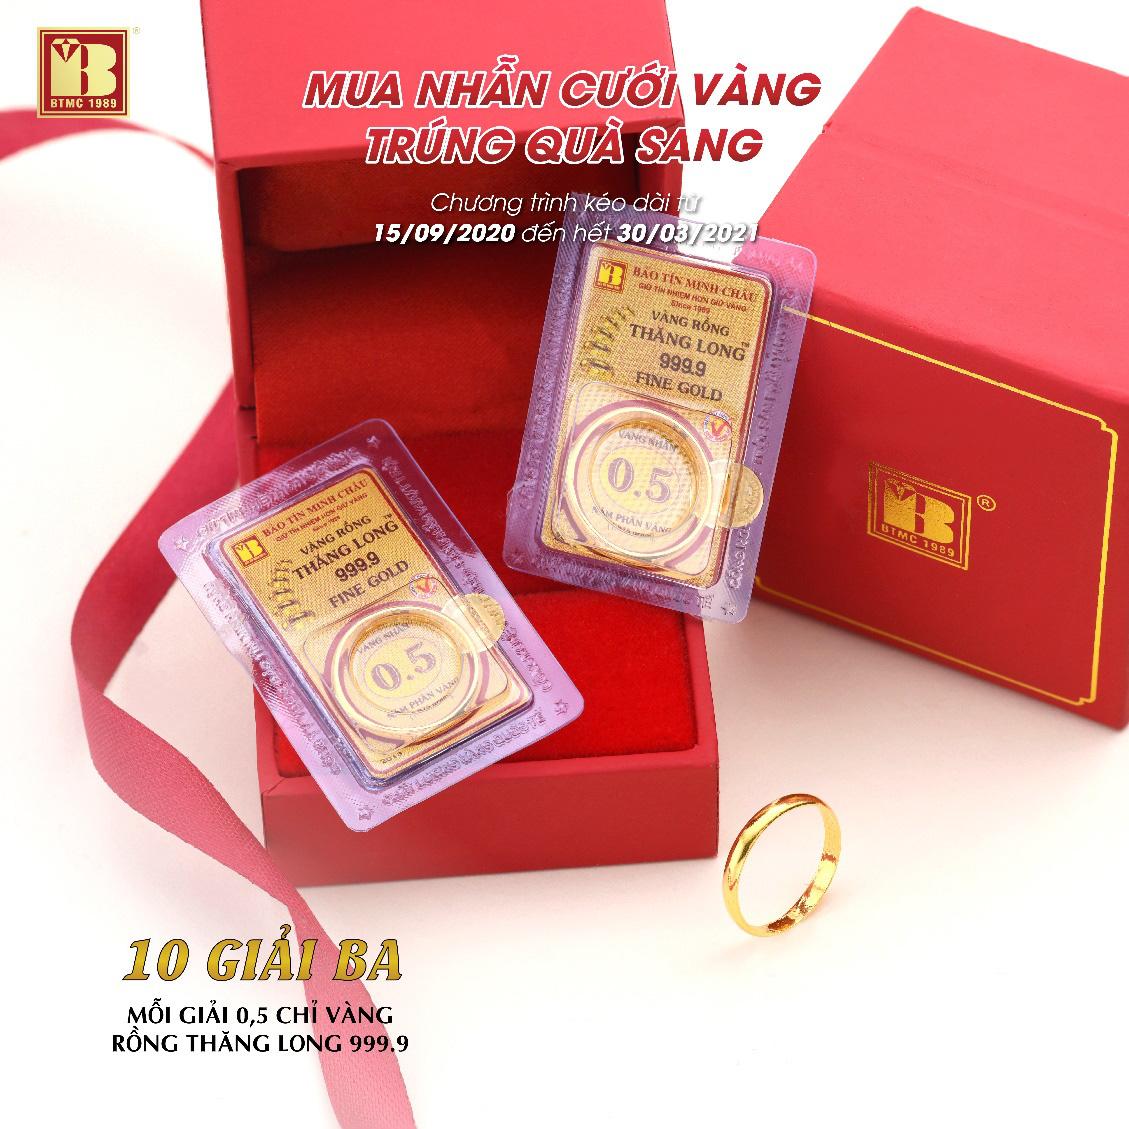 Mua nhẫn cưới vàng trúng quà sang tại Bảo Tín Minh Châu - Ảnh 5.